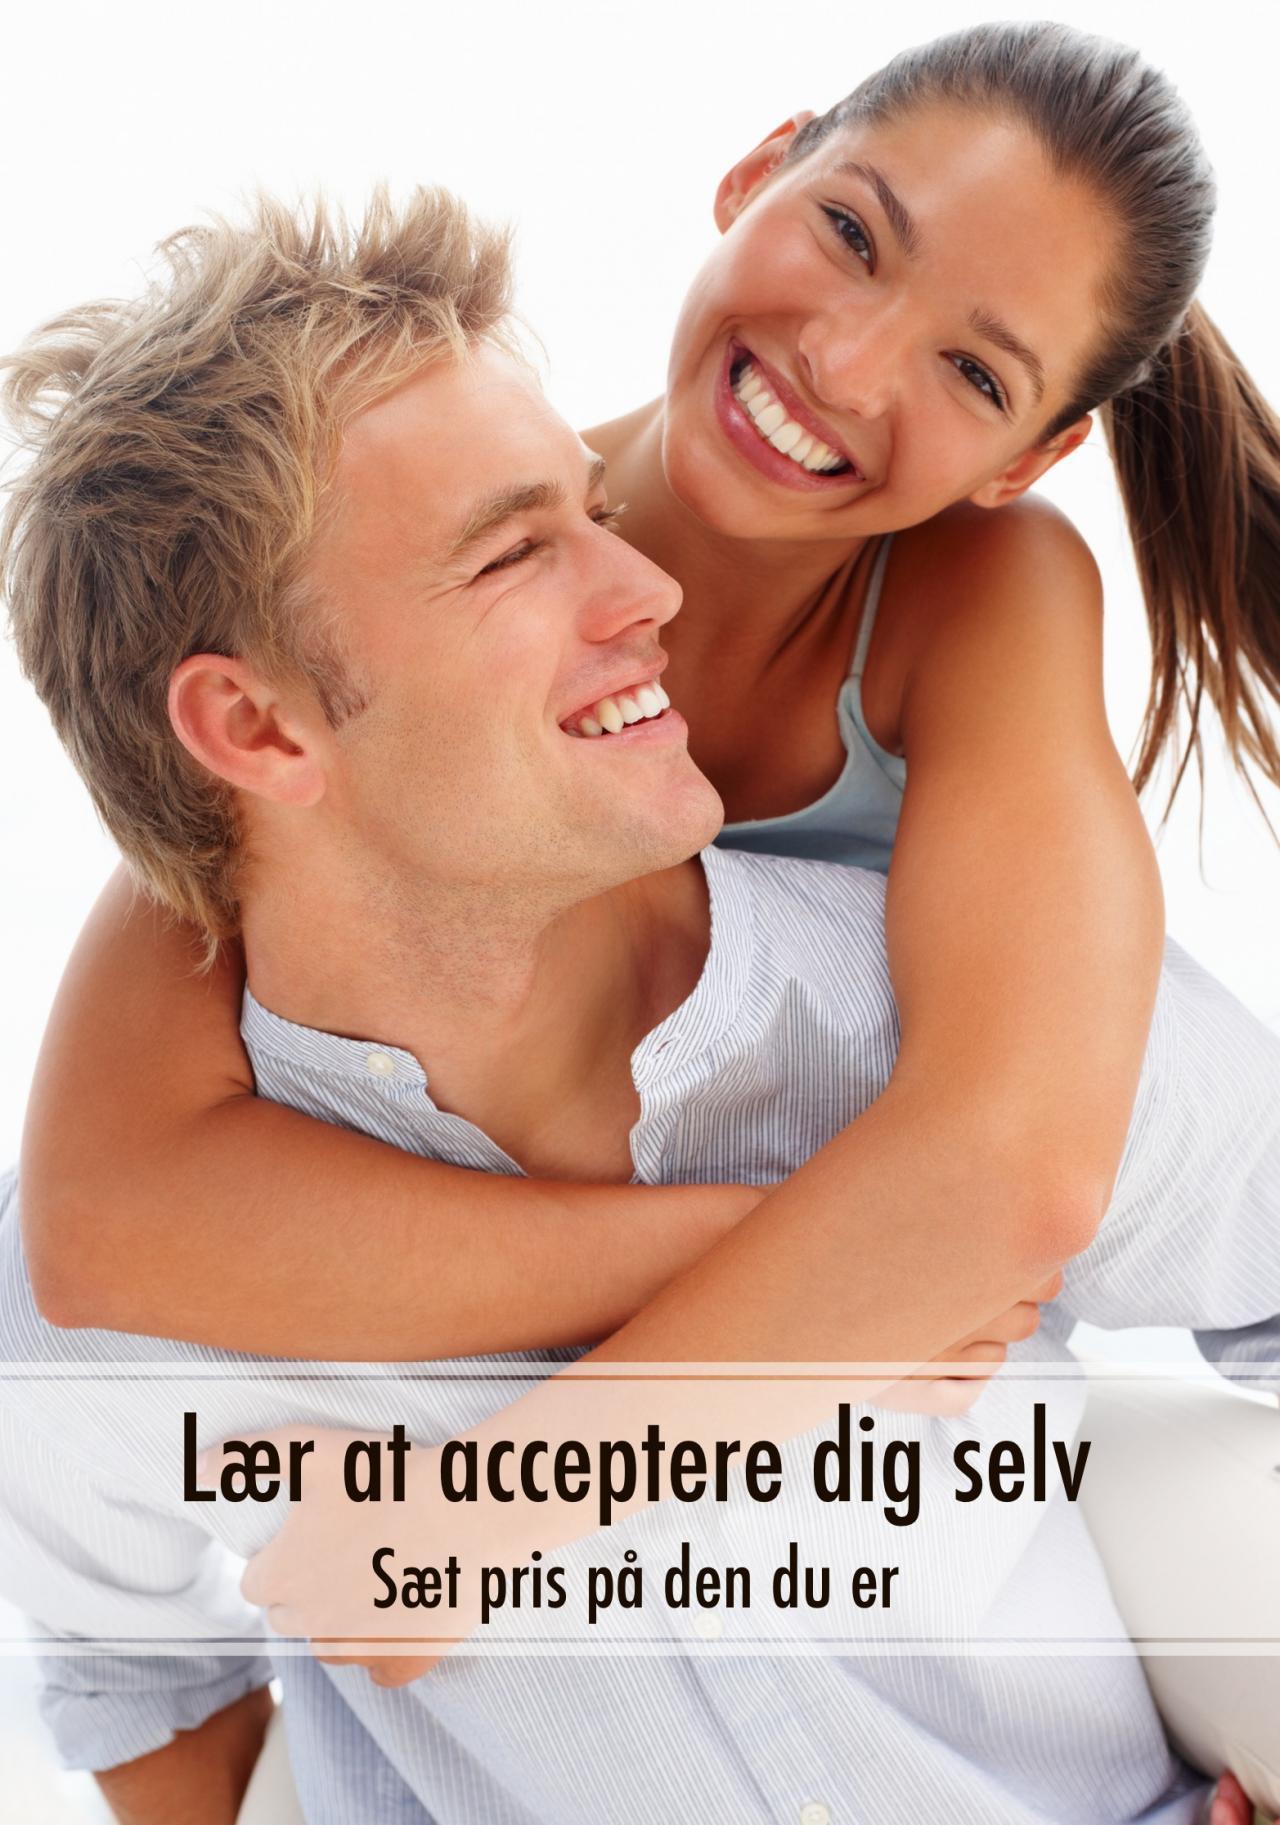 Lær at acceptere dig selv - sæt pris på den du er fra N/A på mindly.dk